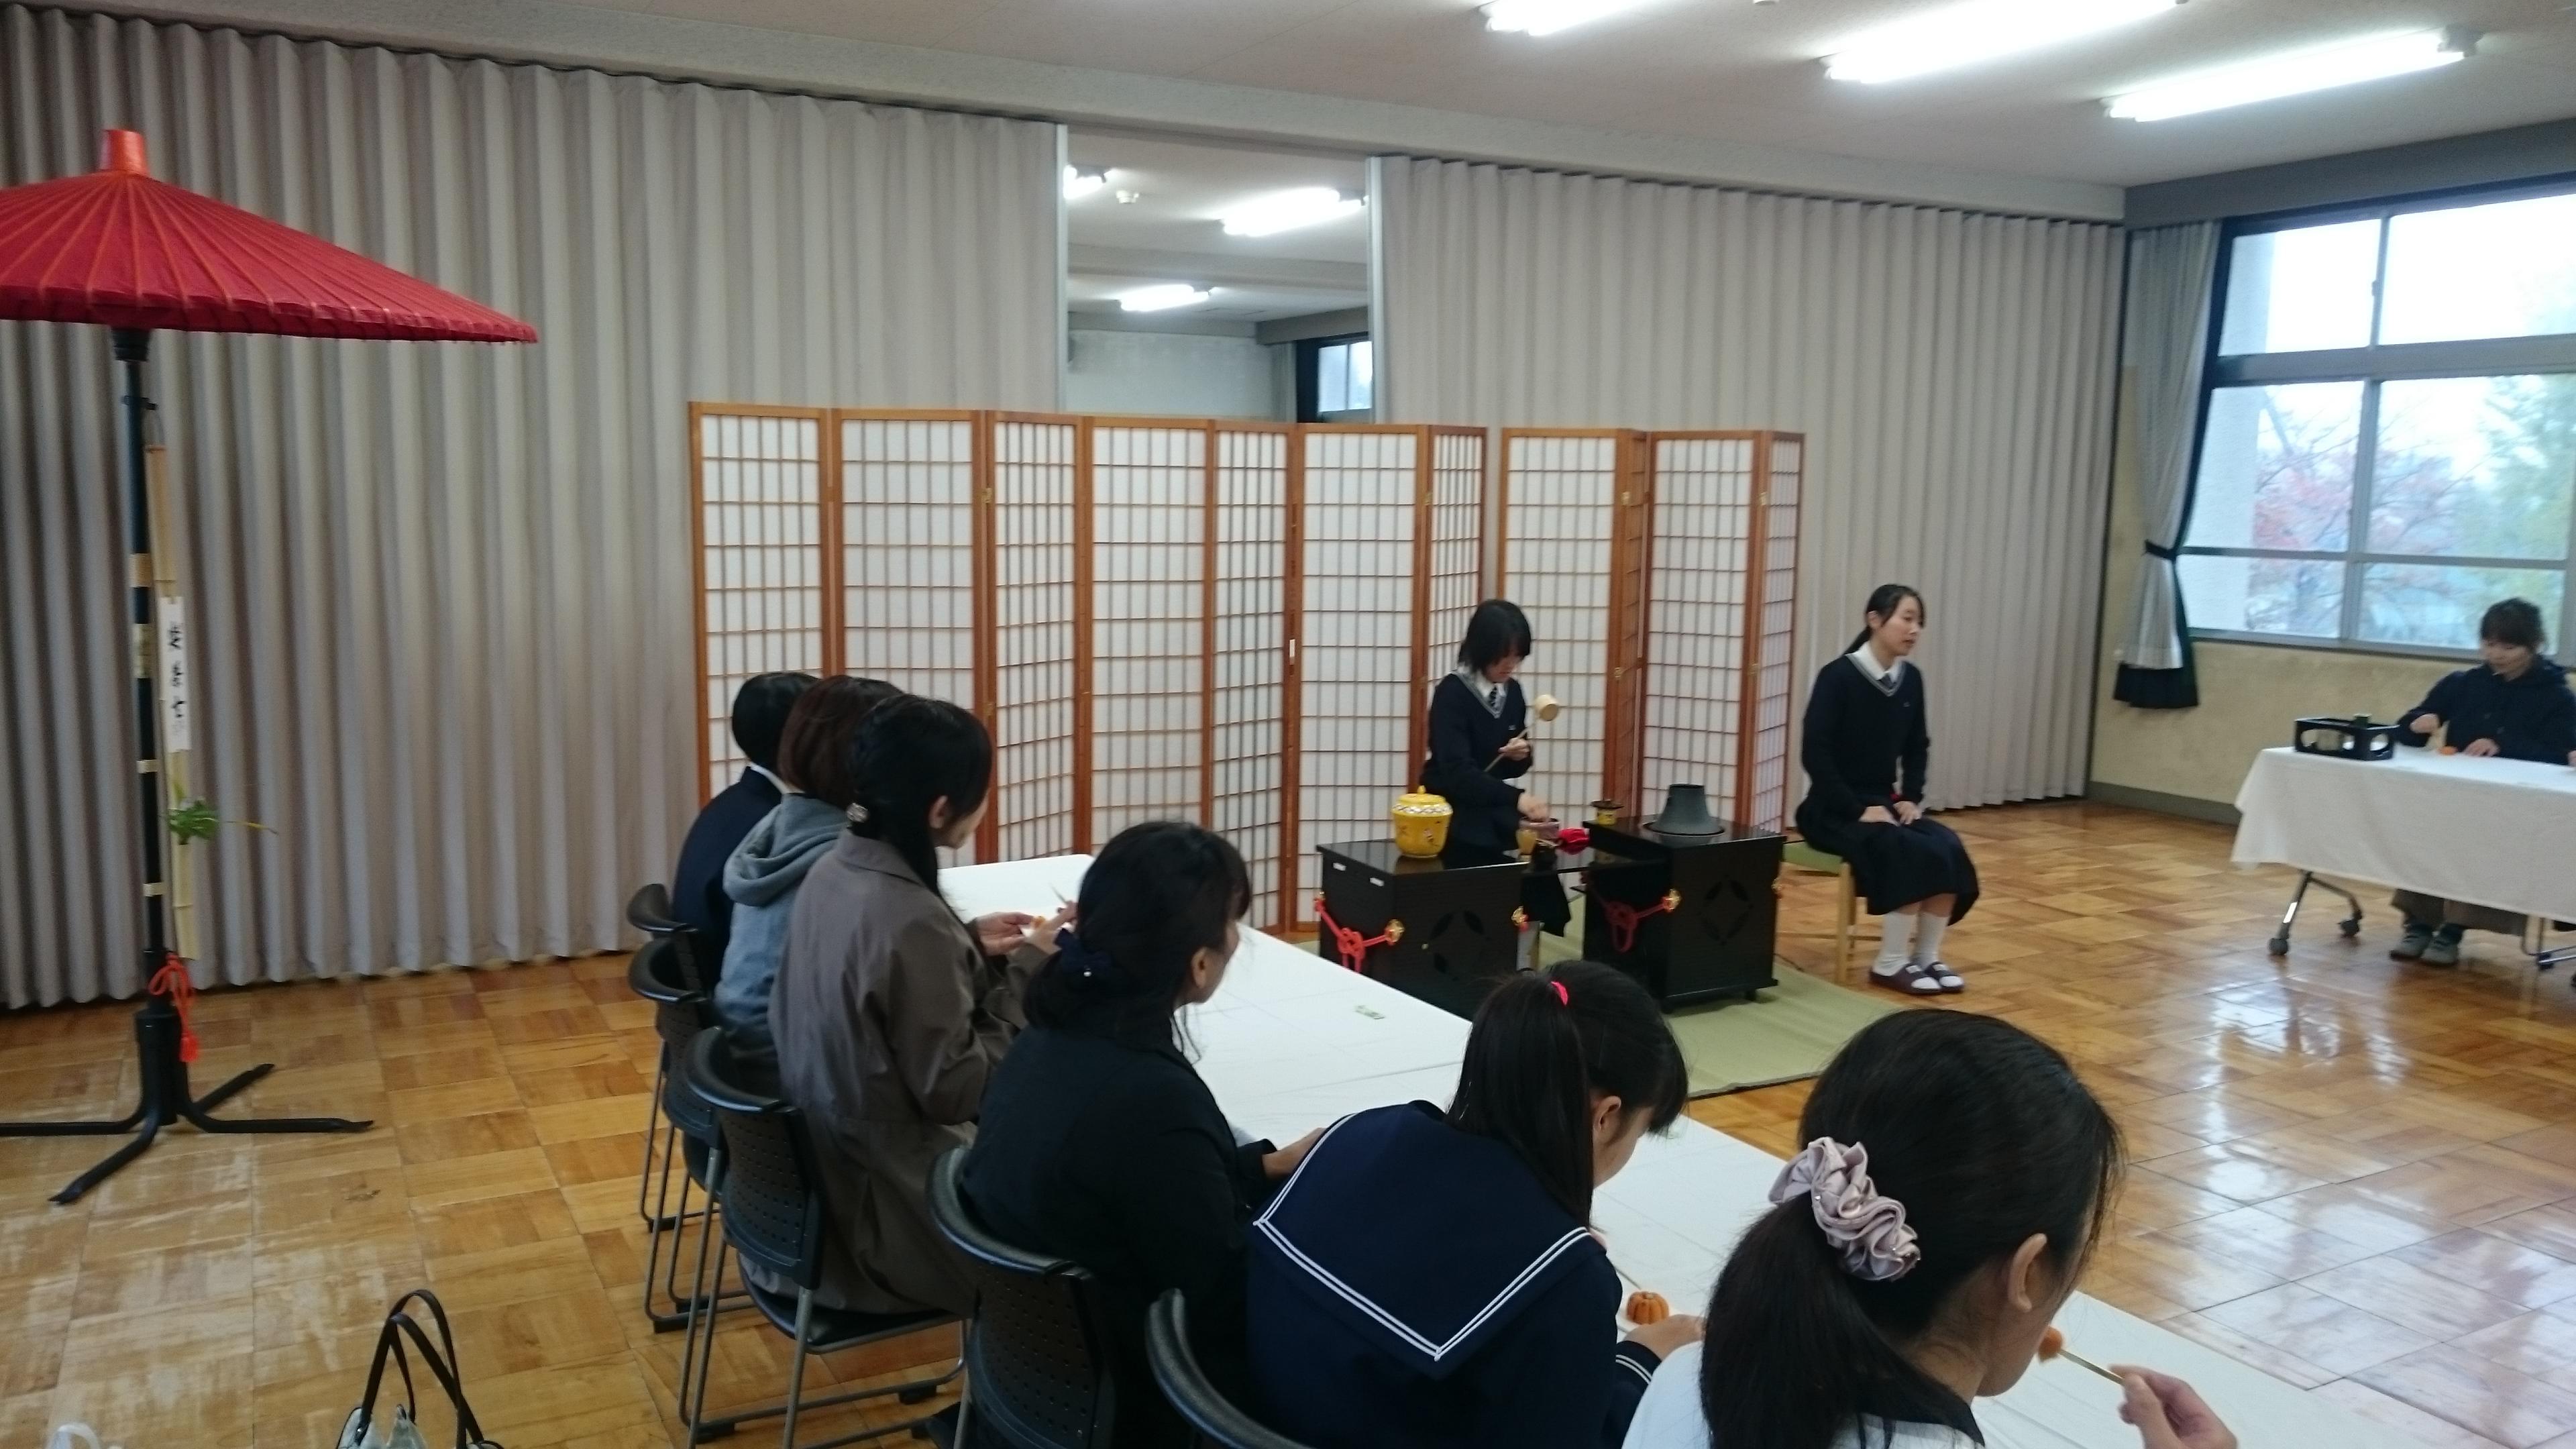 http://www.kyoto-be.ne.jp/nishijyouyou-hs/mt/club/images/DSC_0993.JPG